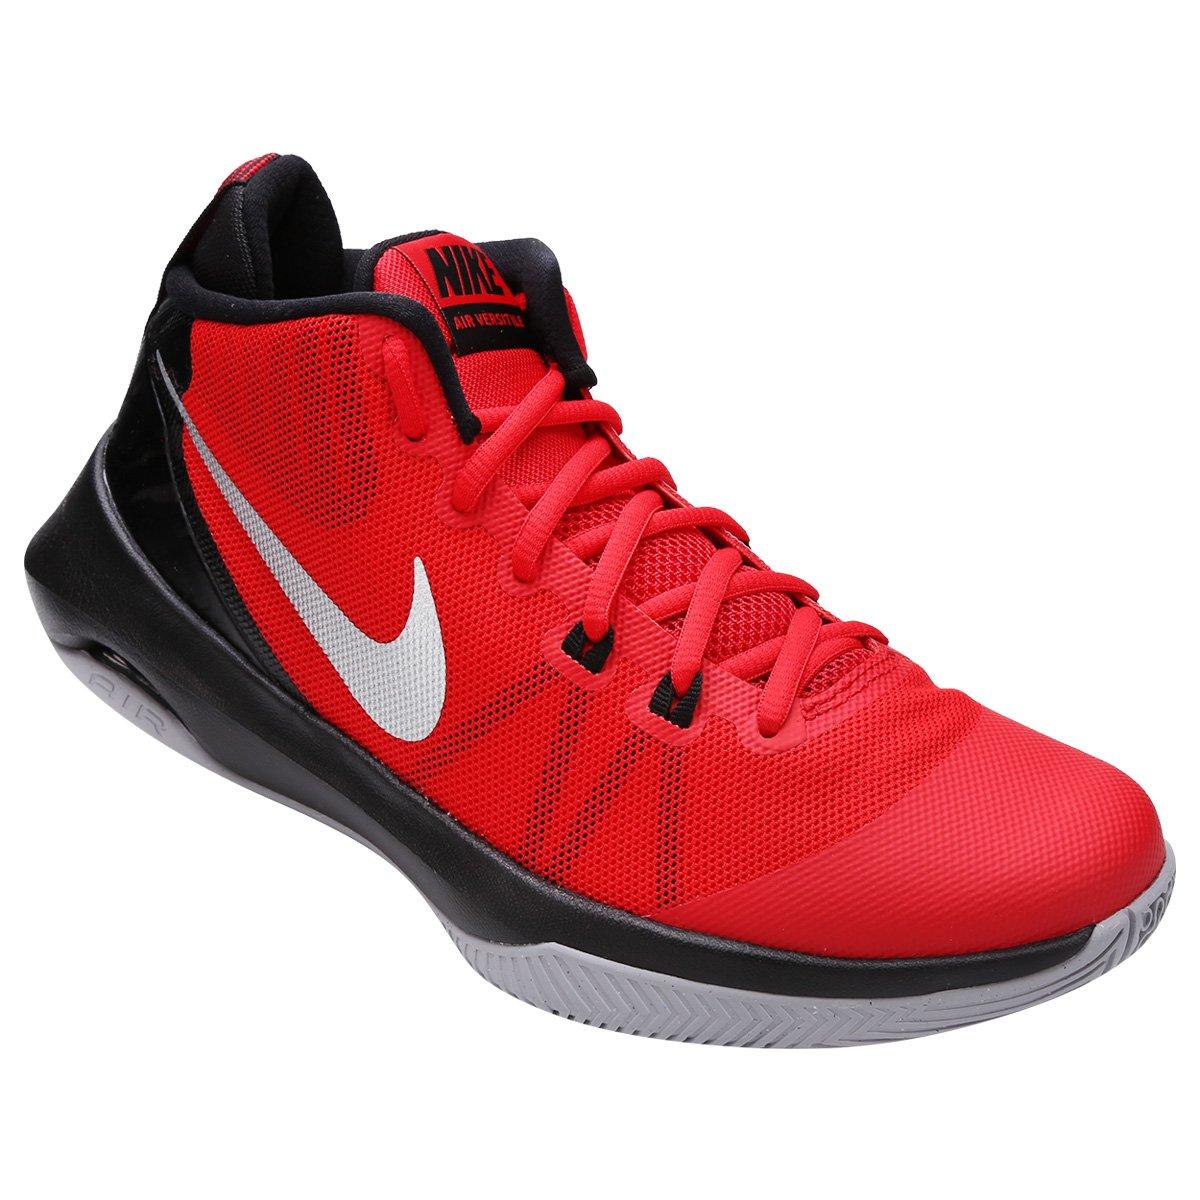 Tênis Nike Air Versitile Masculino - Vermelho e Preto - Compre Agora ... e7a9f6180d8b4